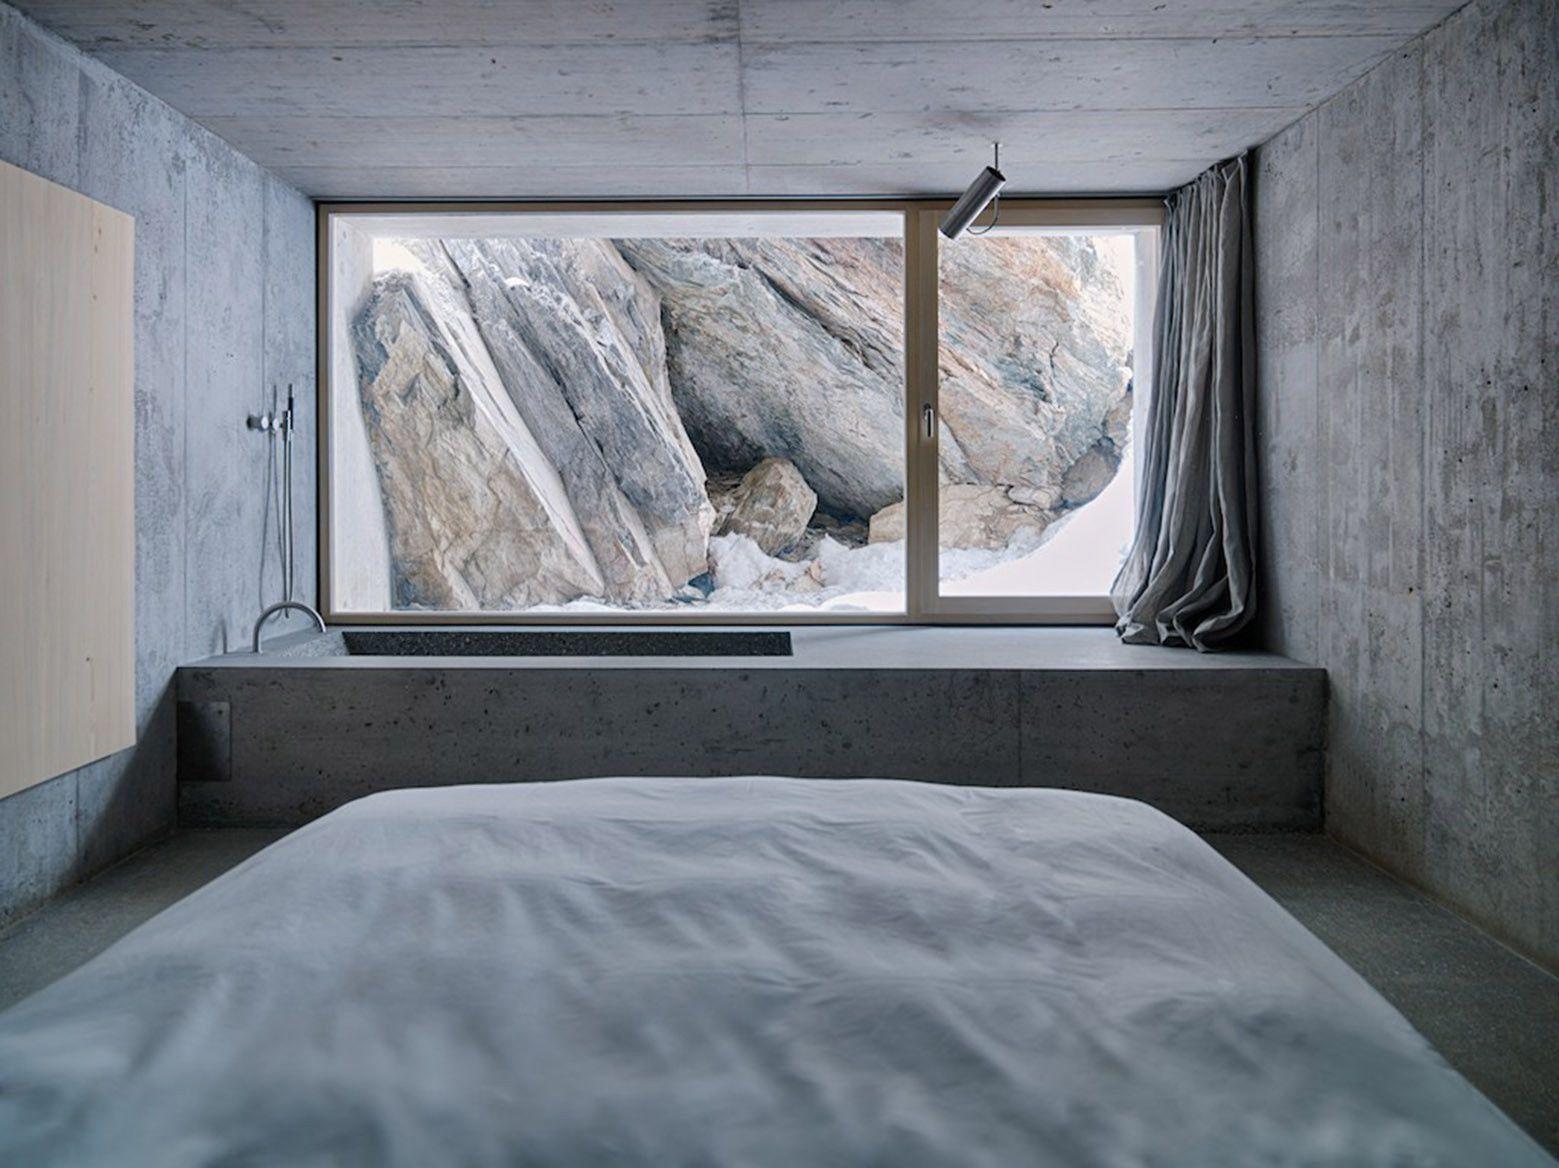 Schlafzimmer helsinki ~ Gallery of refugi lieptgas georg nickisch selina walder 5